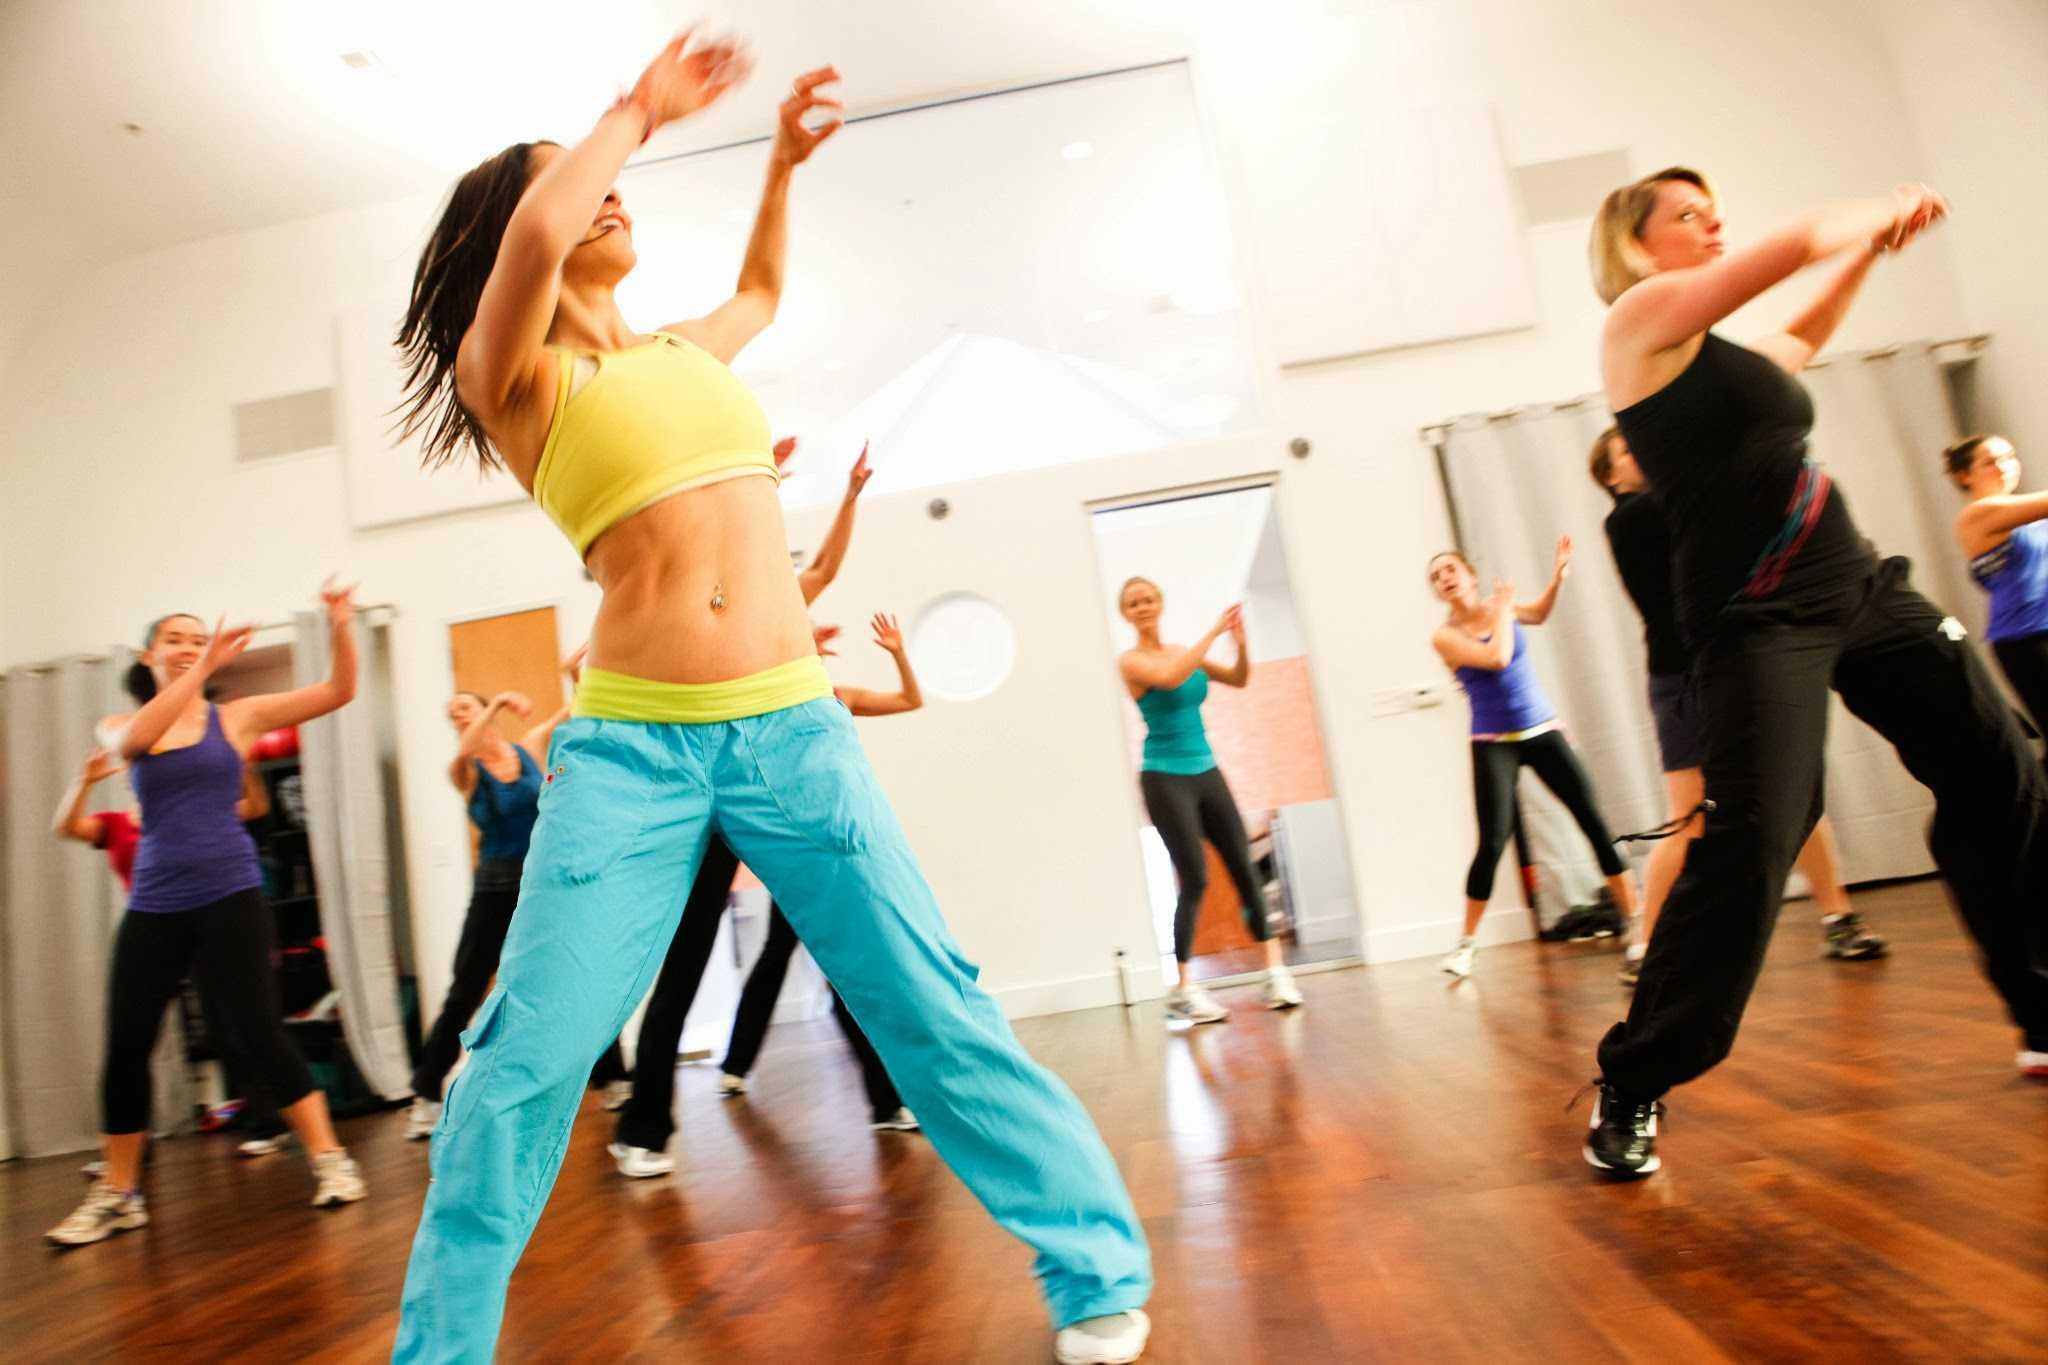 Фитнес зумба для похудения - виды, плюсы и минусы | fitburg.ru